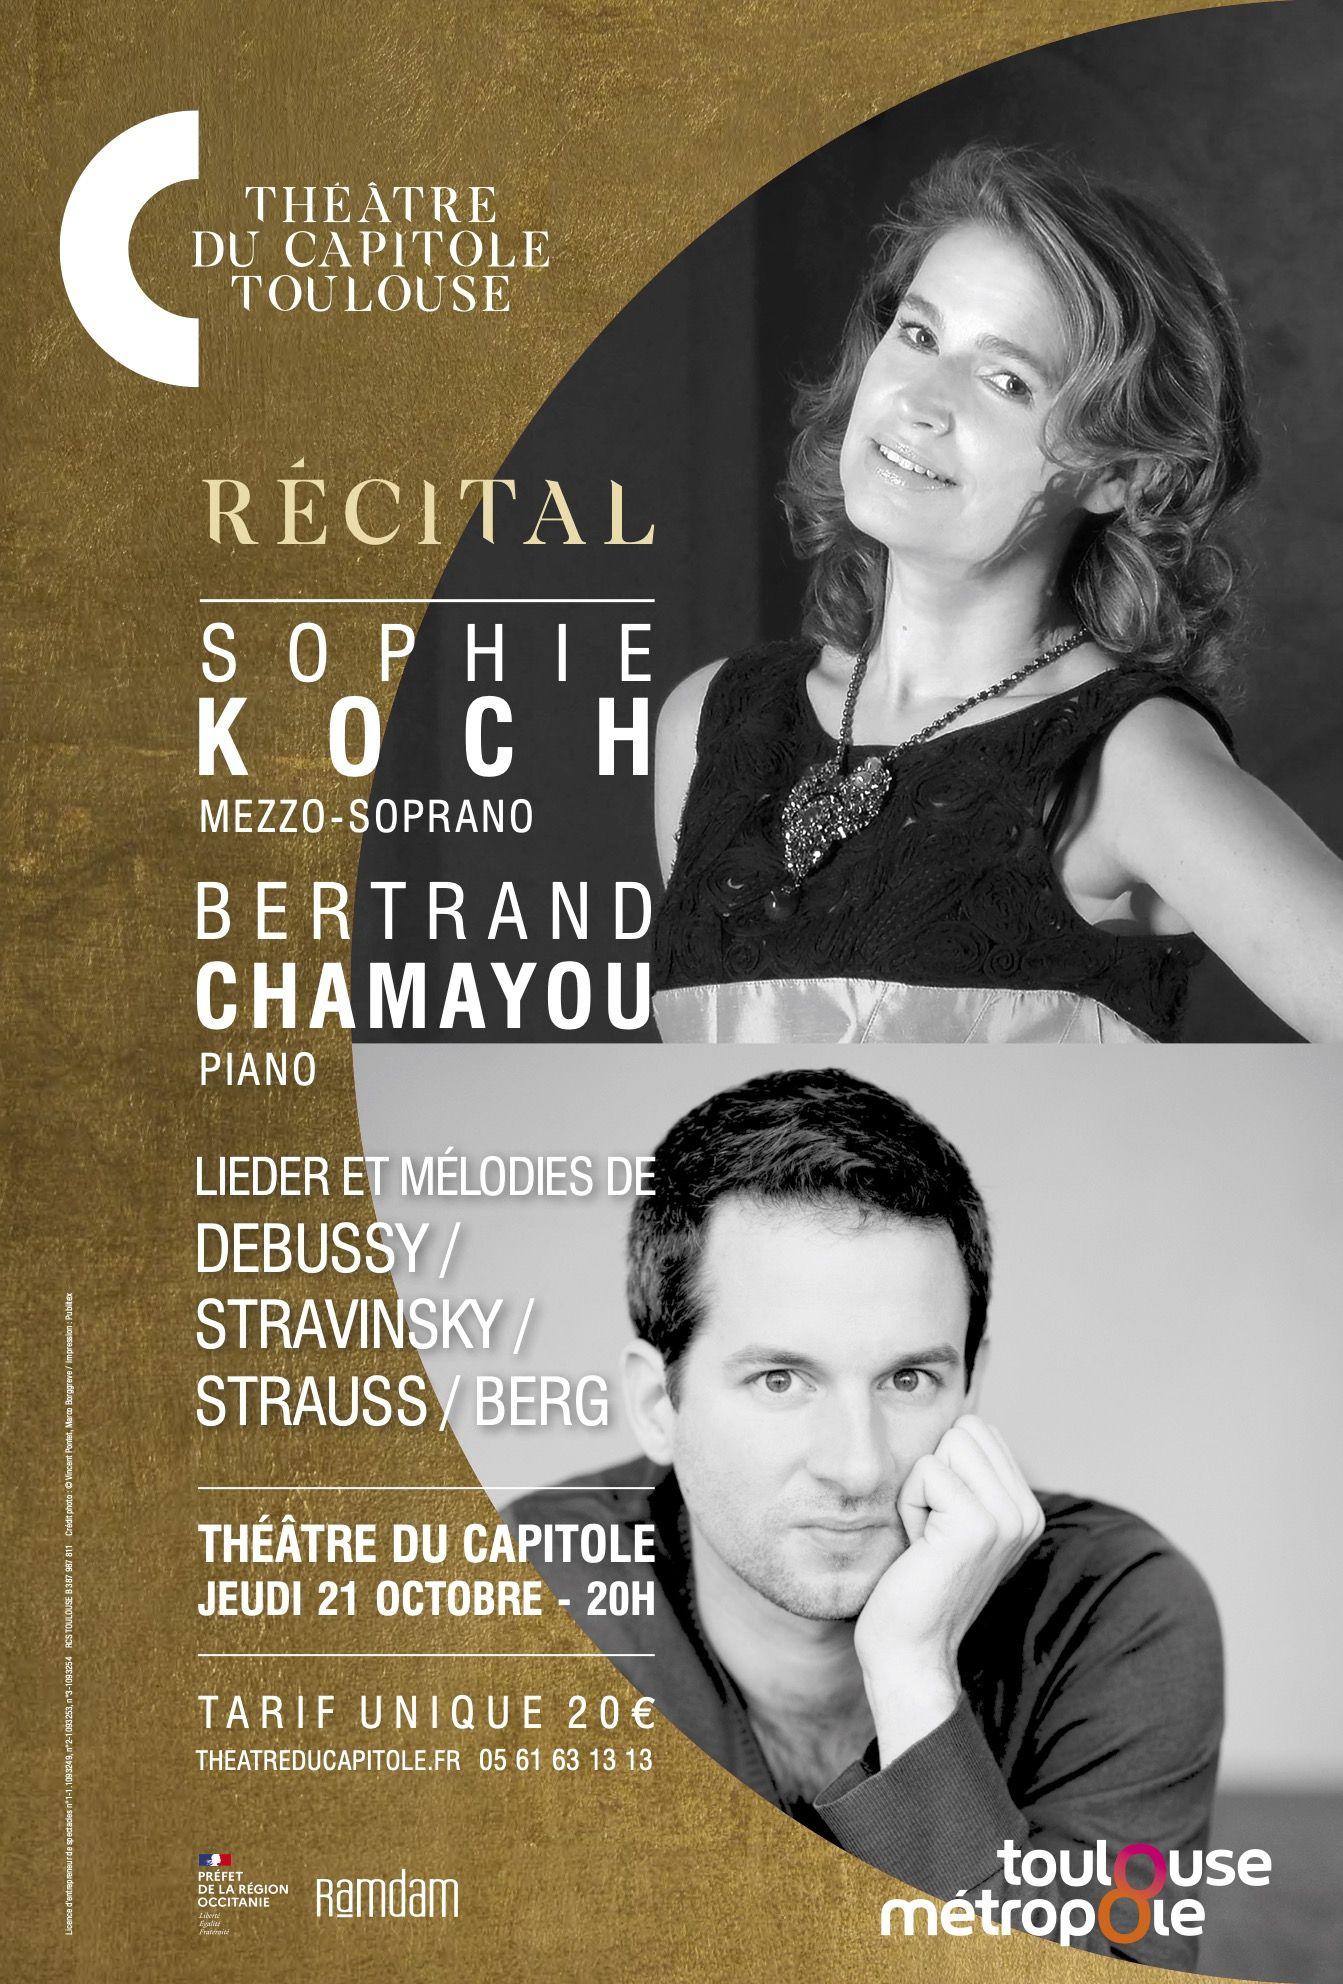 Théâtre du Capitole - Sophie Koch et Bertrand Chamayou